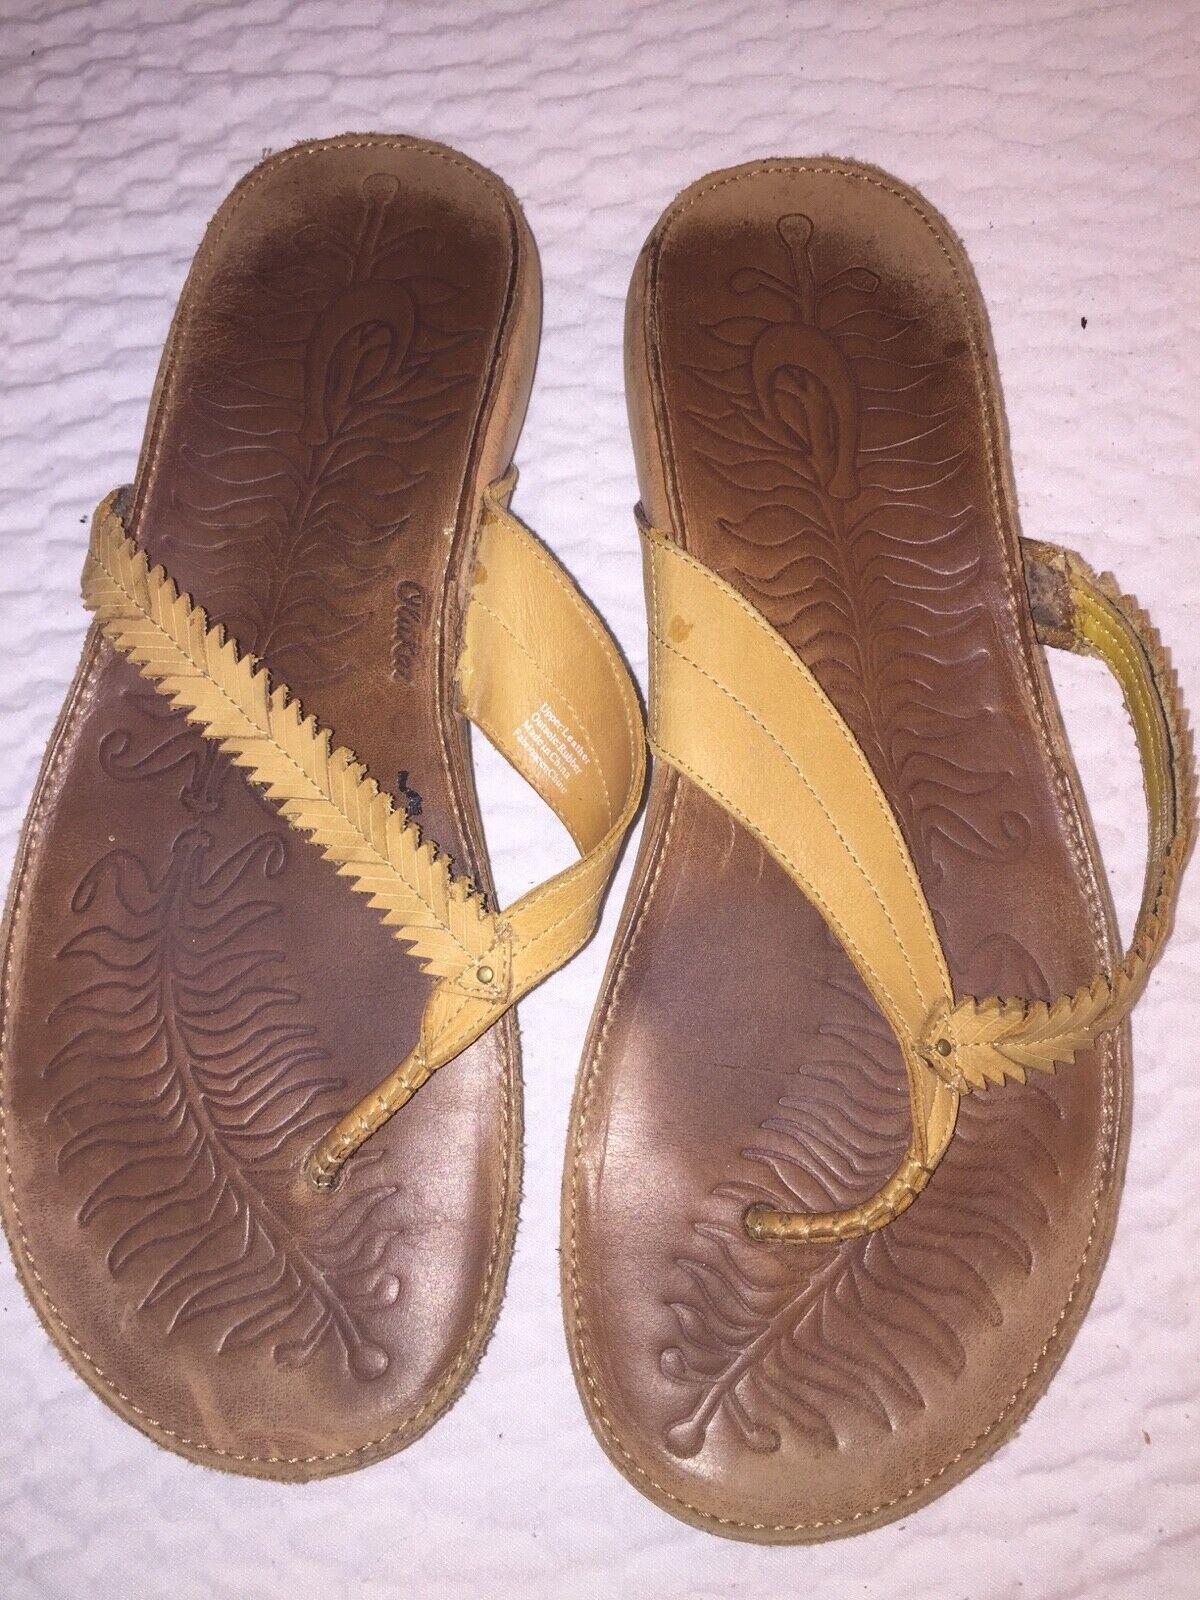 Olukai Para mujeres Cuero Flip Flop Sandal Kahili Tanga amarillo mostaza zapatos talla 11